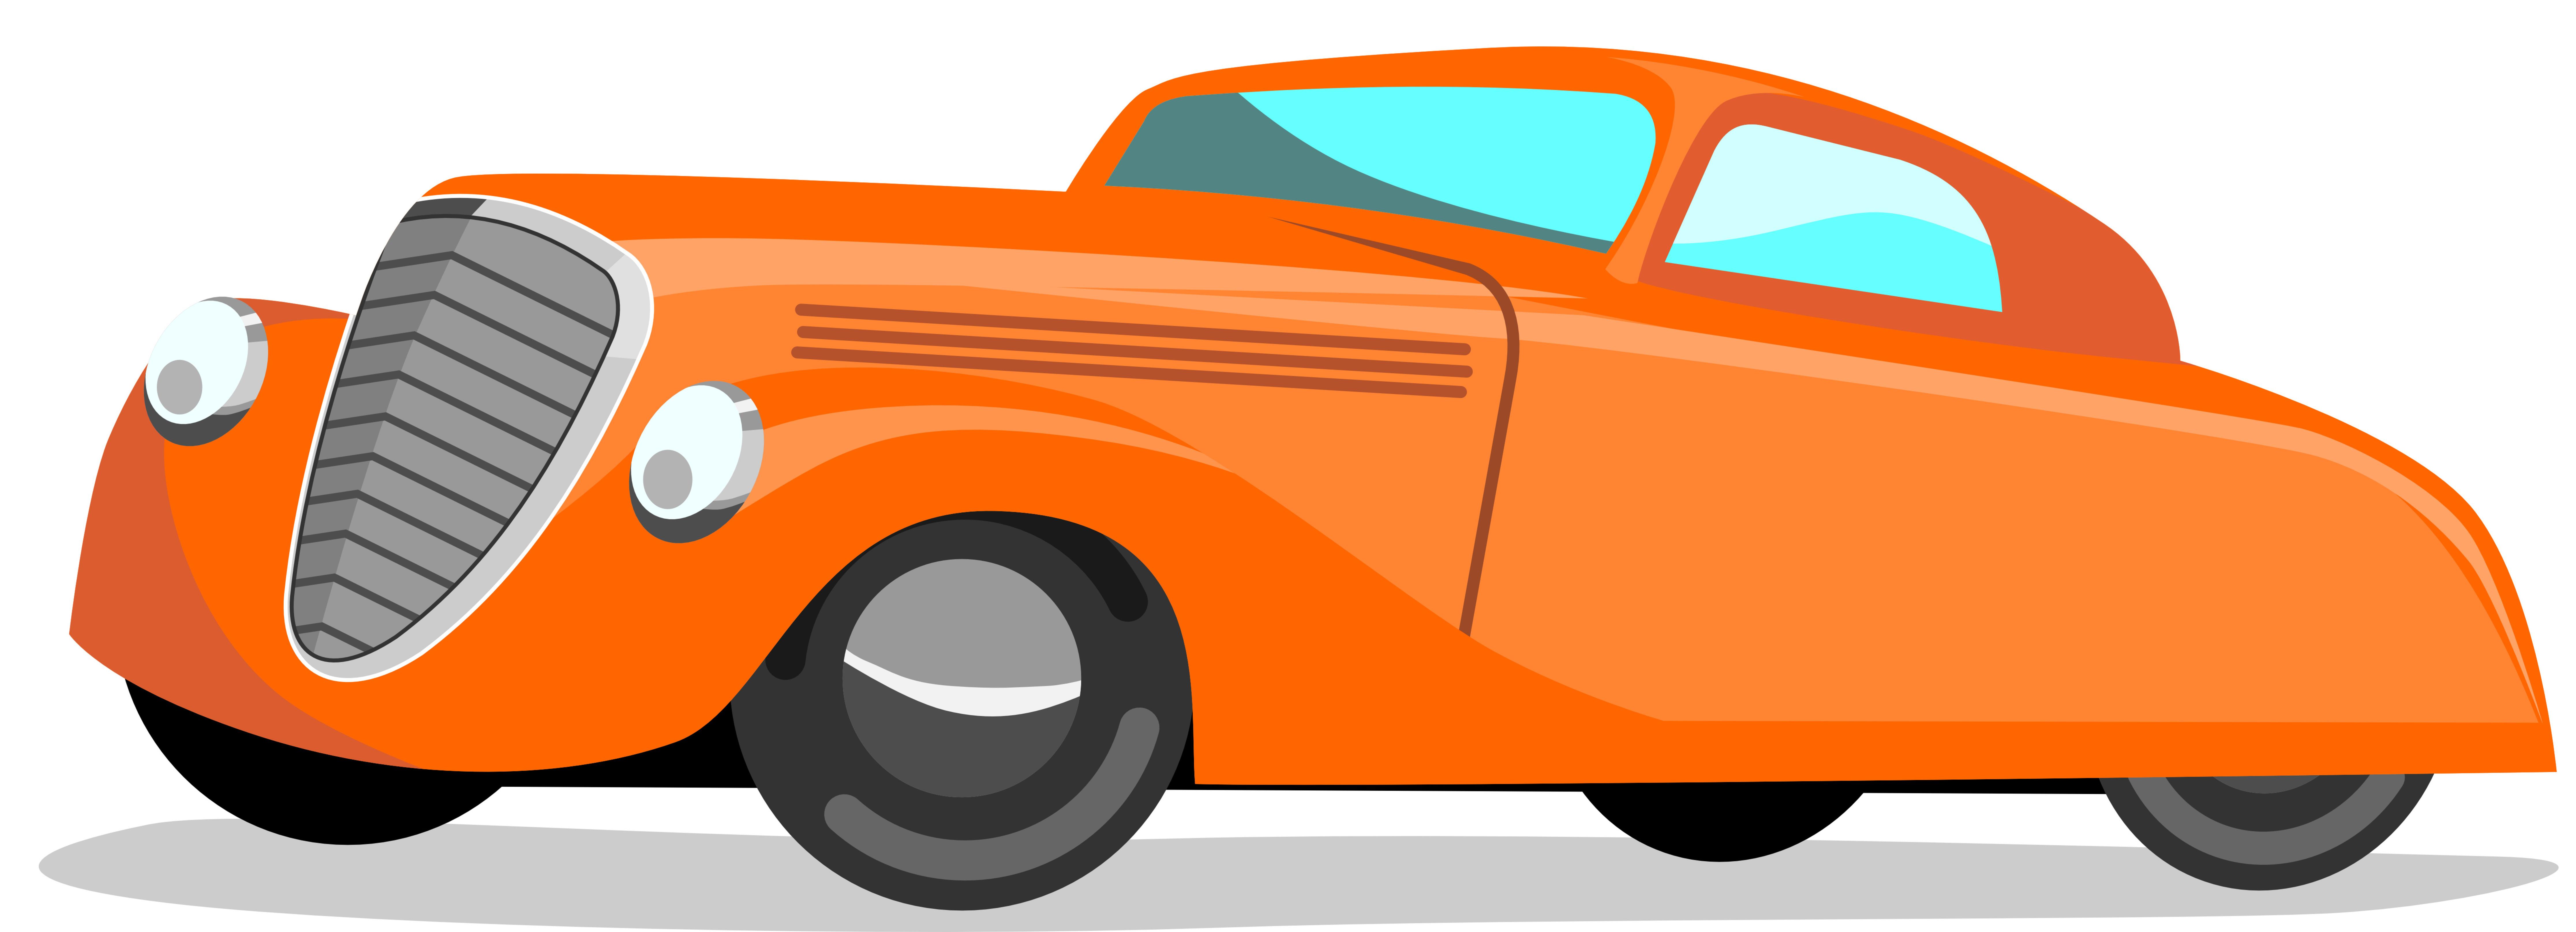 8928x3231 Hot Cars Hd Clipart